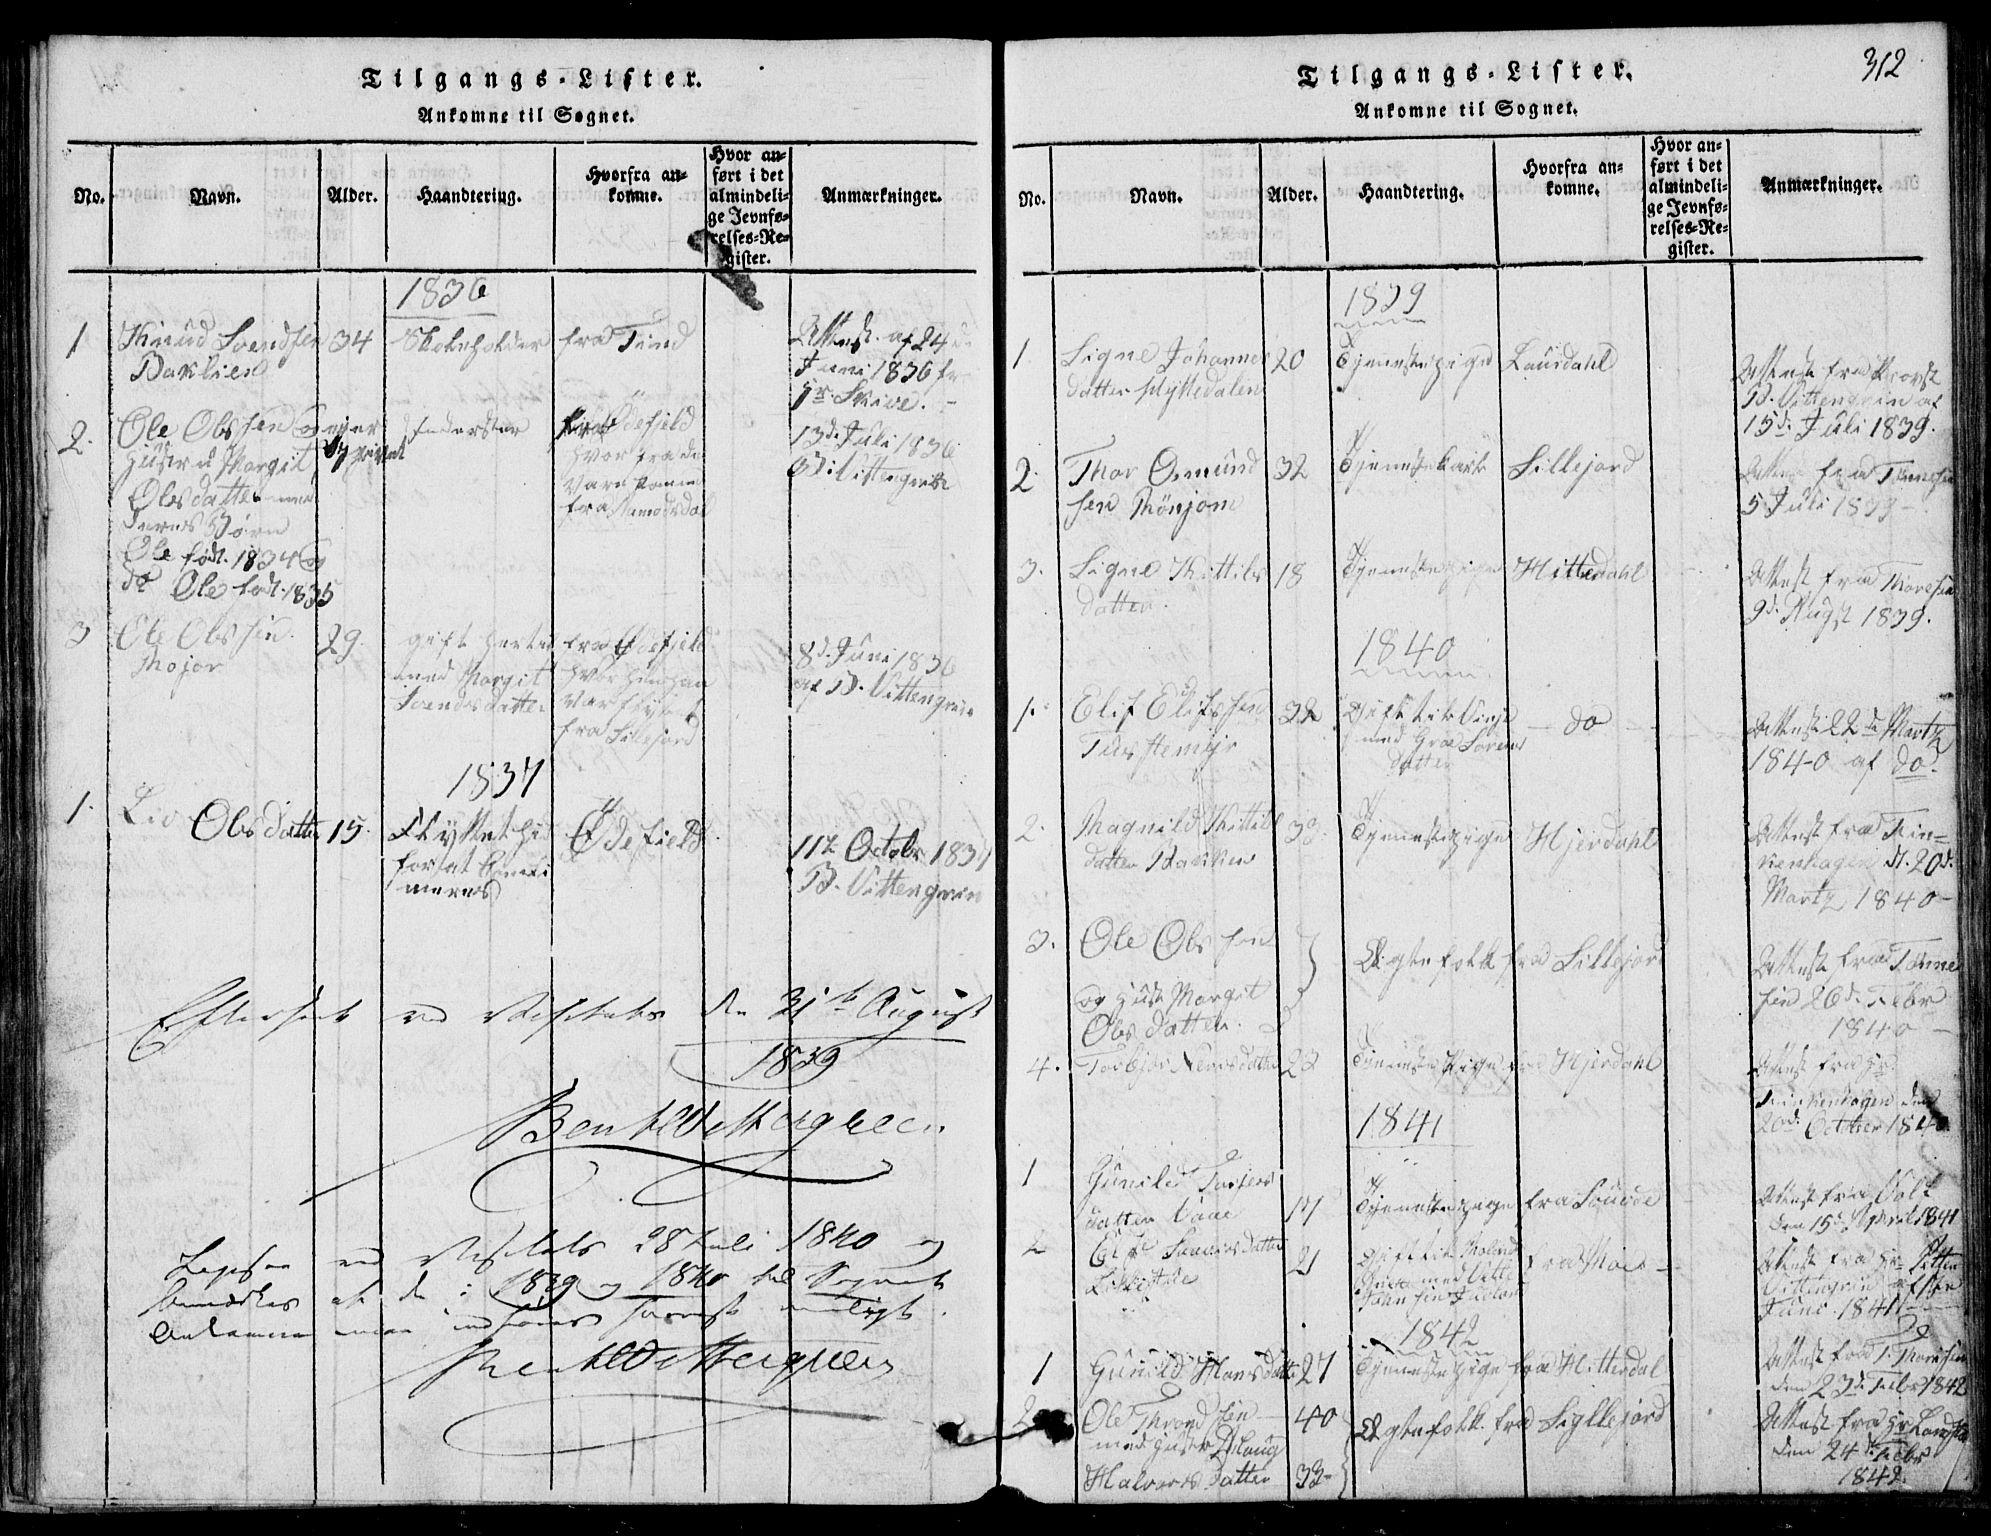 SAKO, Rauland kirkebøker, G/Ga/L0001: Klokkerbok nr. I 1, 1814-1843, s. 312